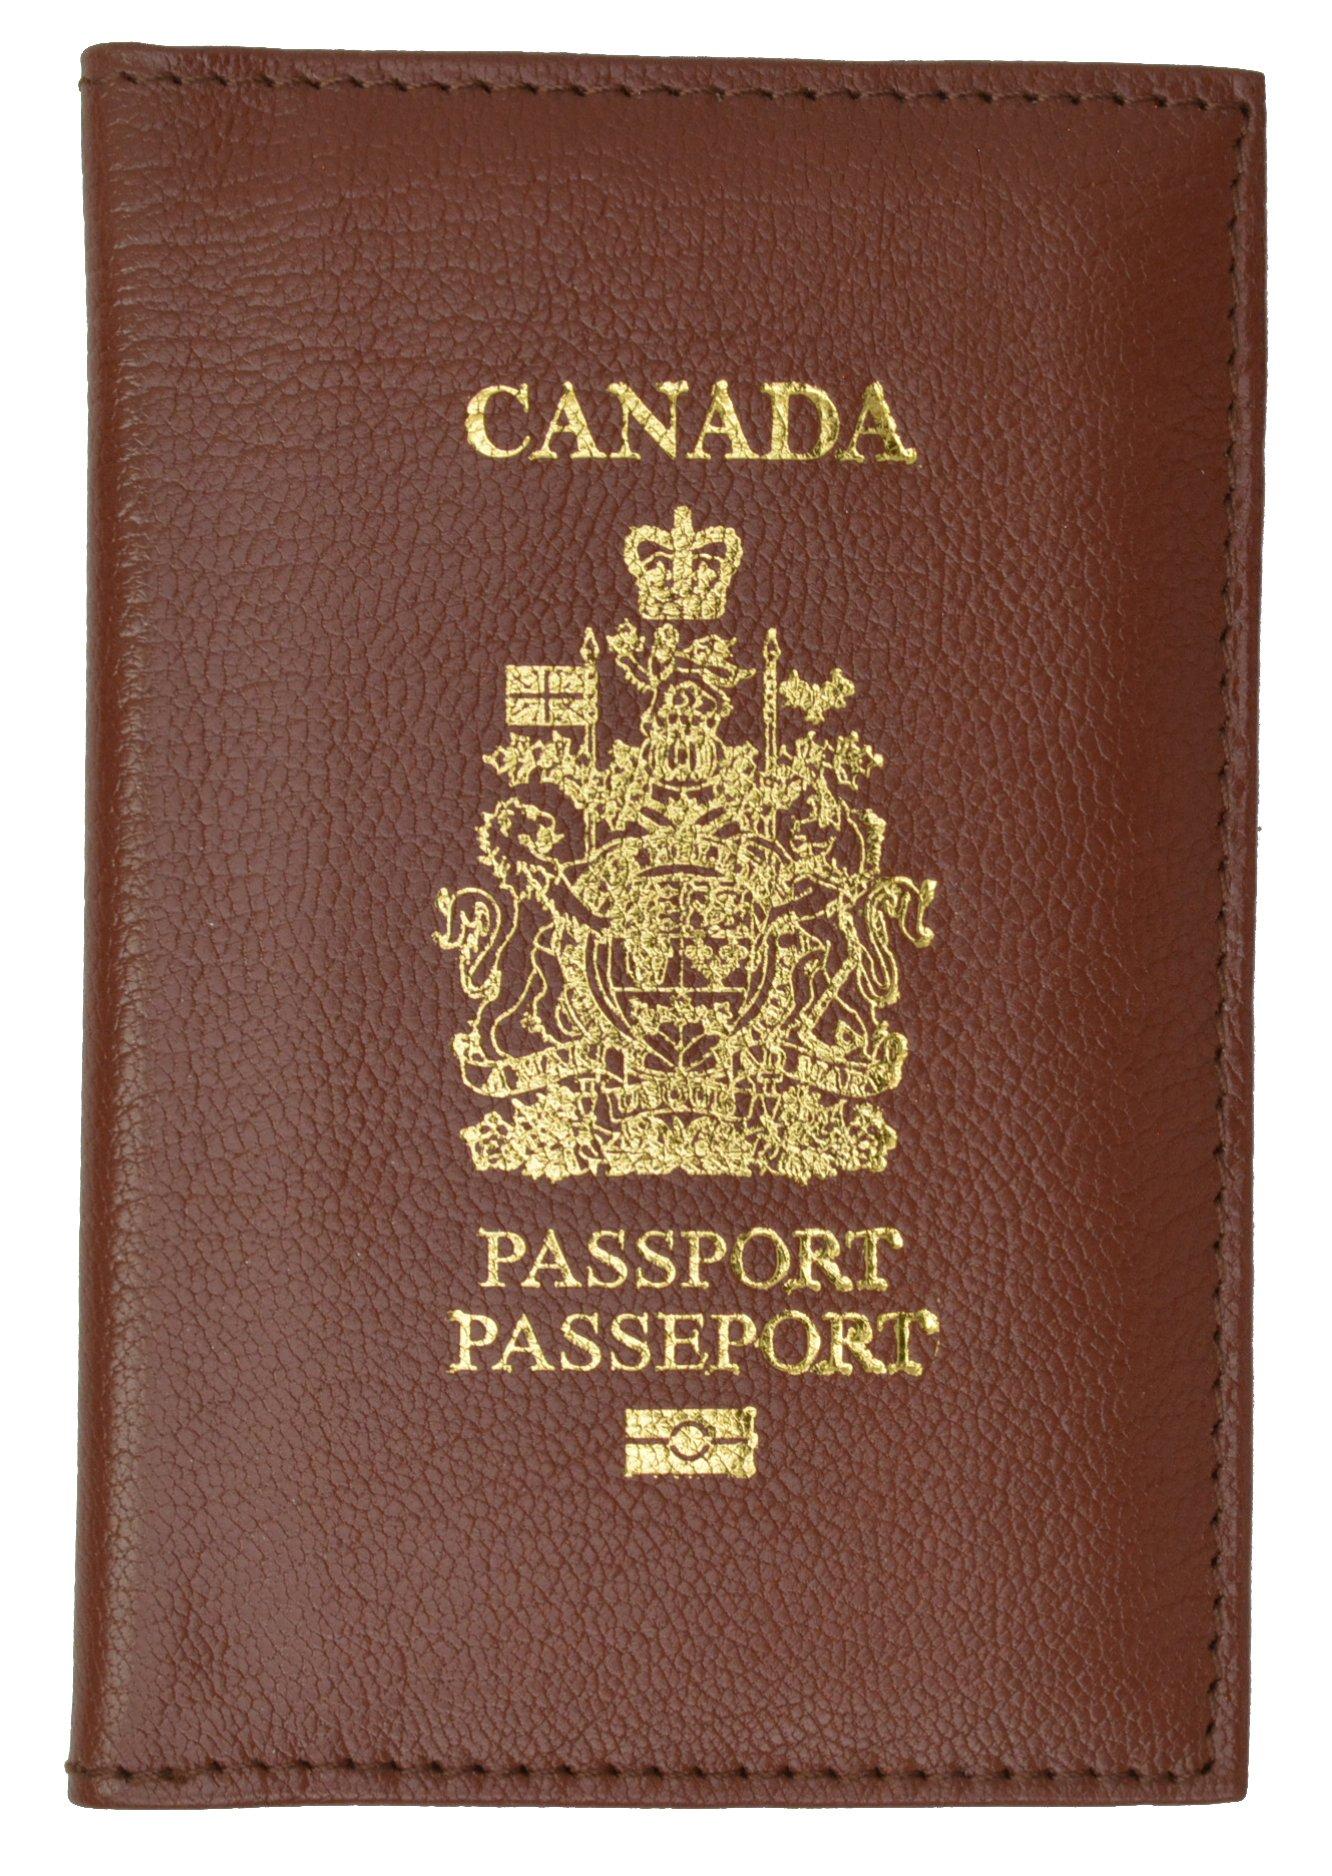 Canada Passport Wallet Genuine Leather Passport holder with Emblem (Burgundy)